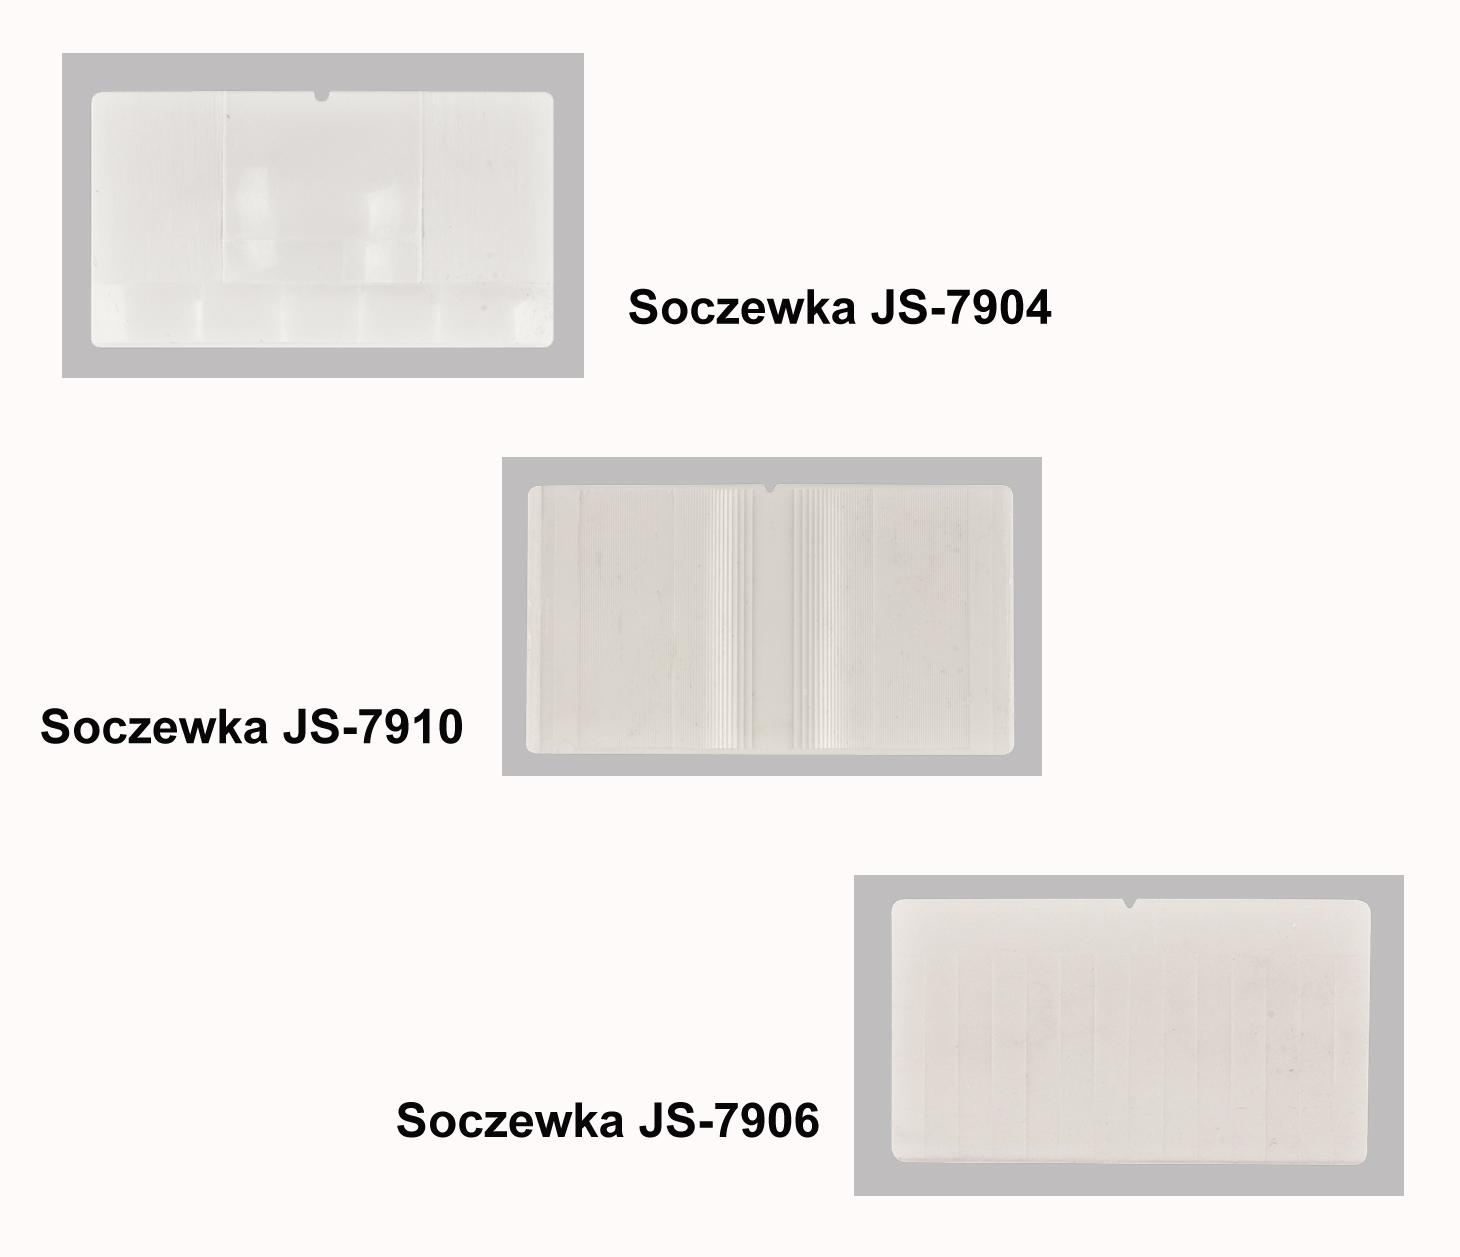 Soczewki JS-7906, JS-7910, JS-7904